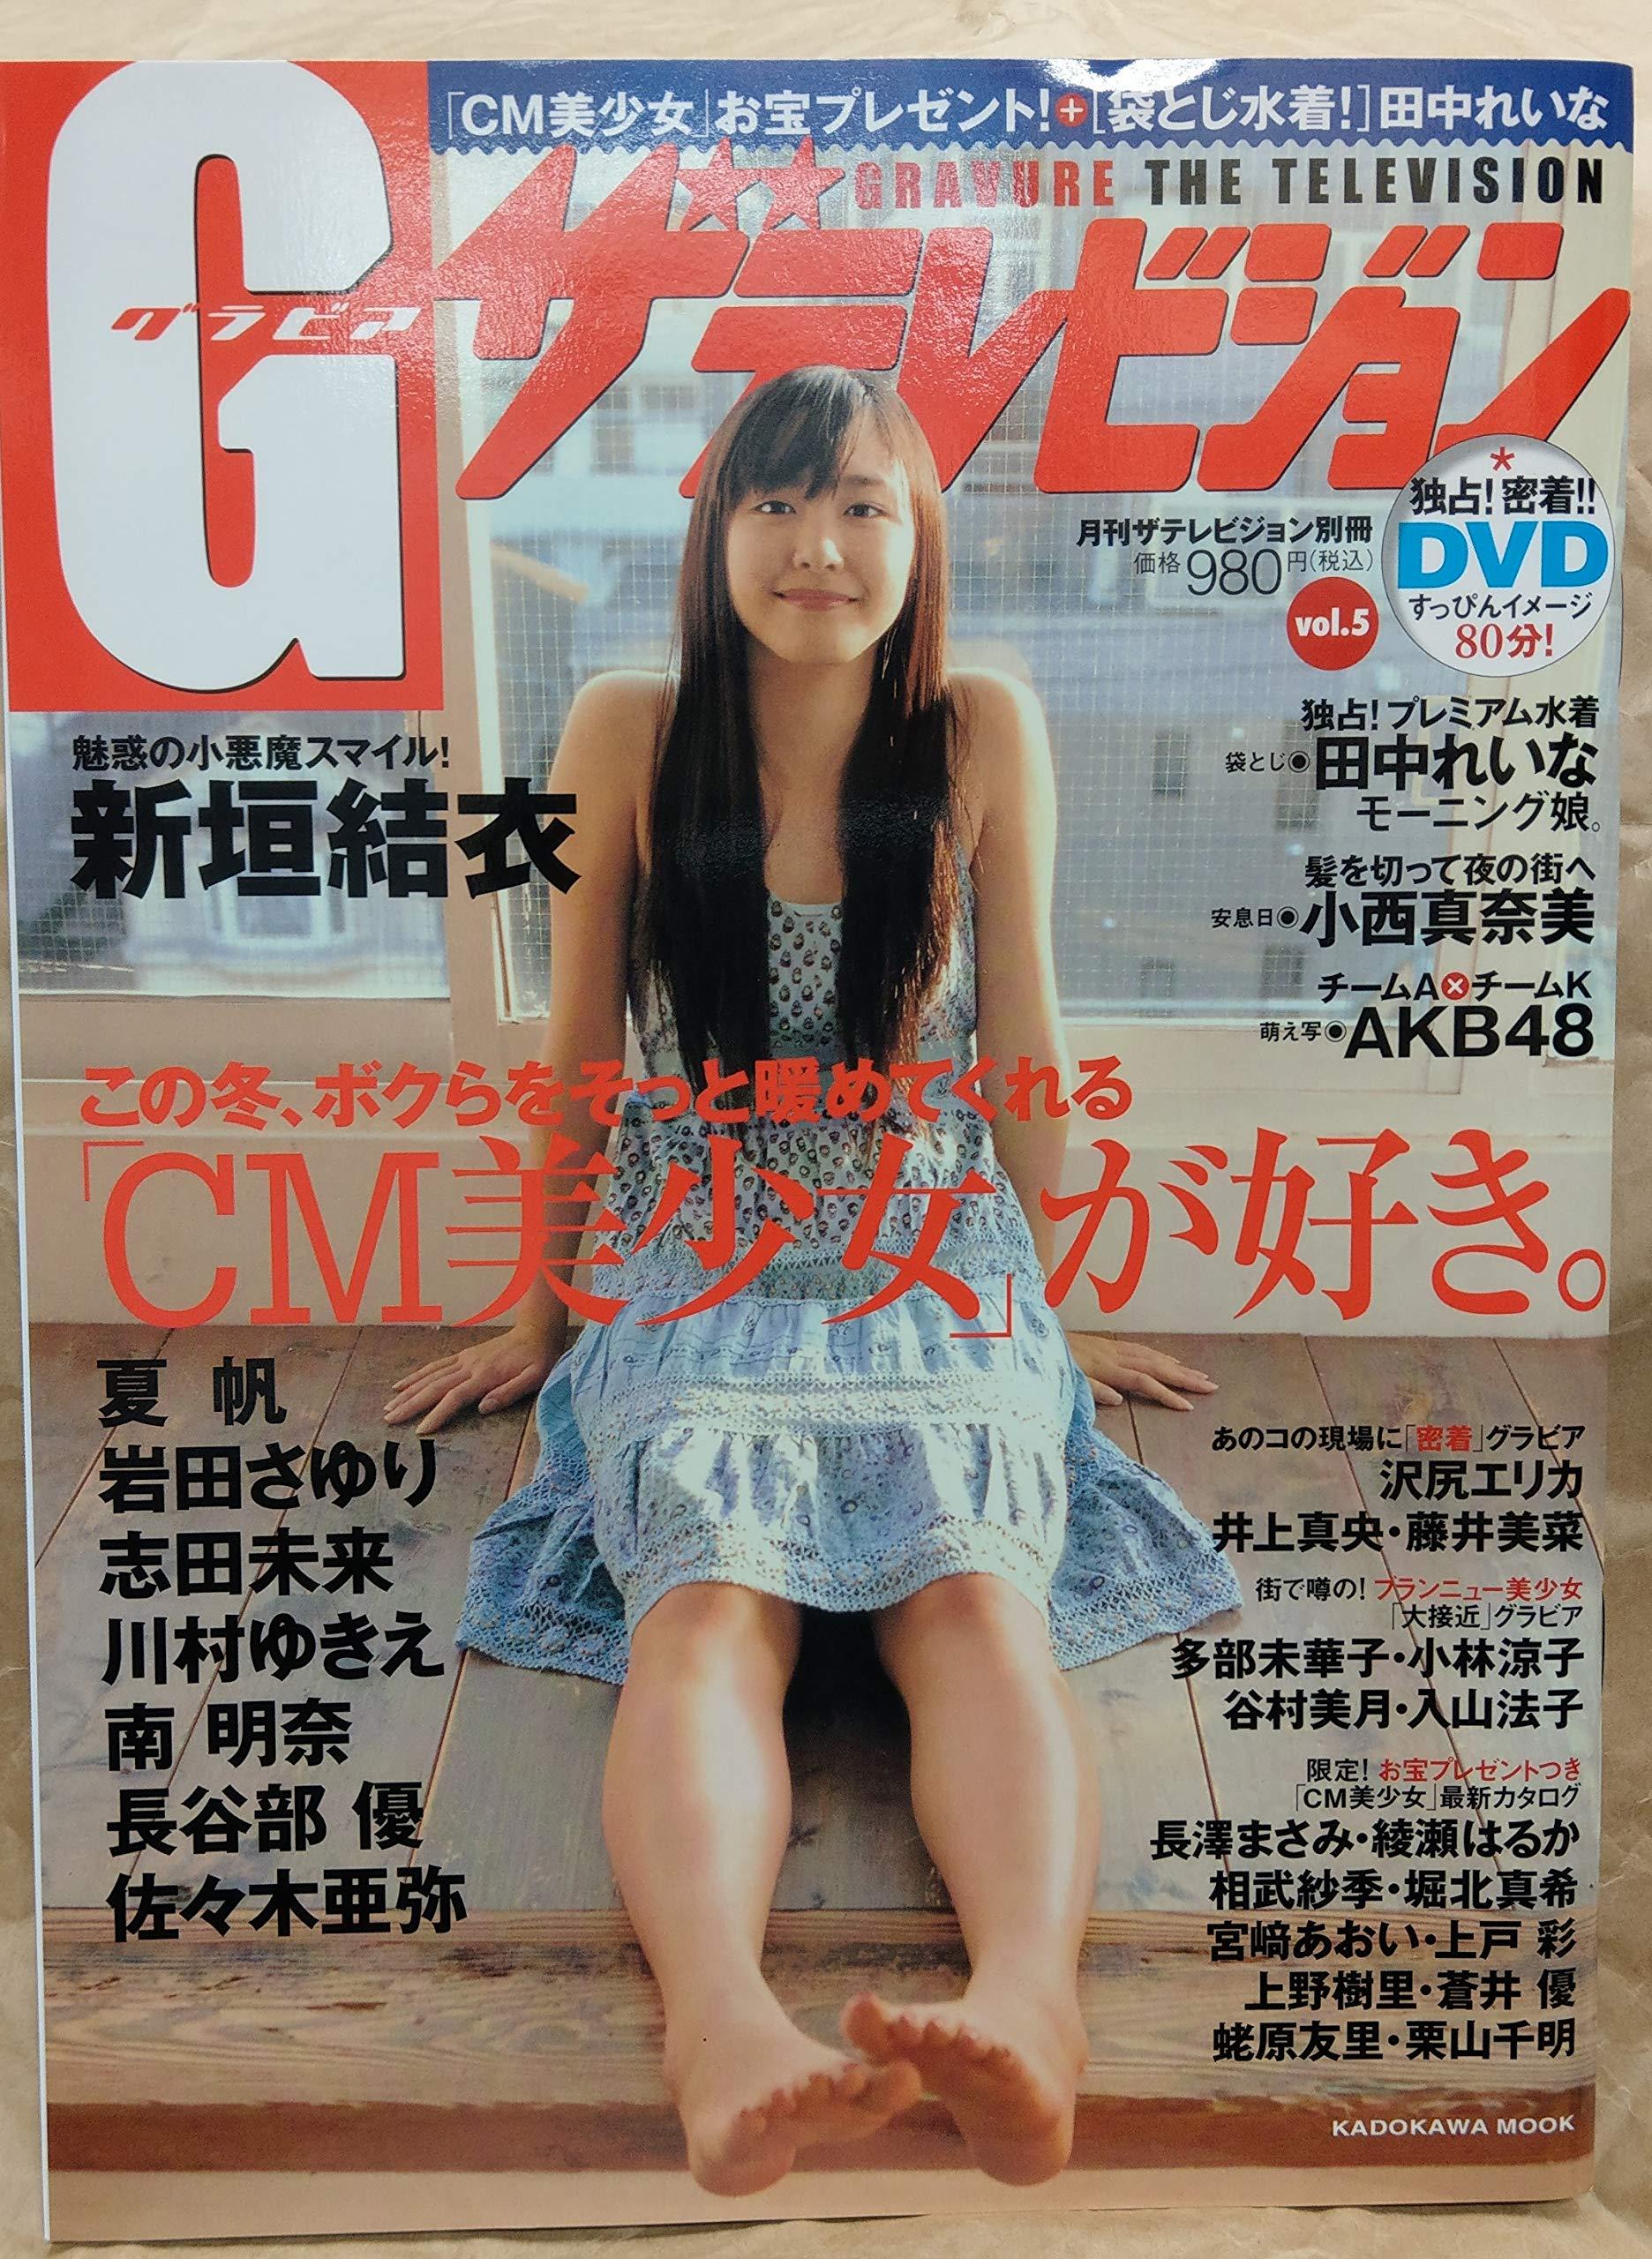 Gザテレビジョン vol.5 (カドカワムック 246) | |本 | 通販 | Amazon